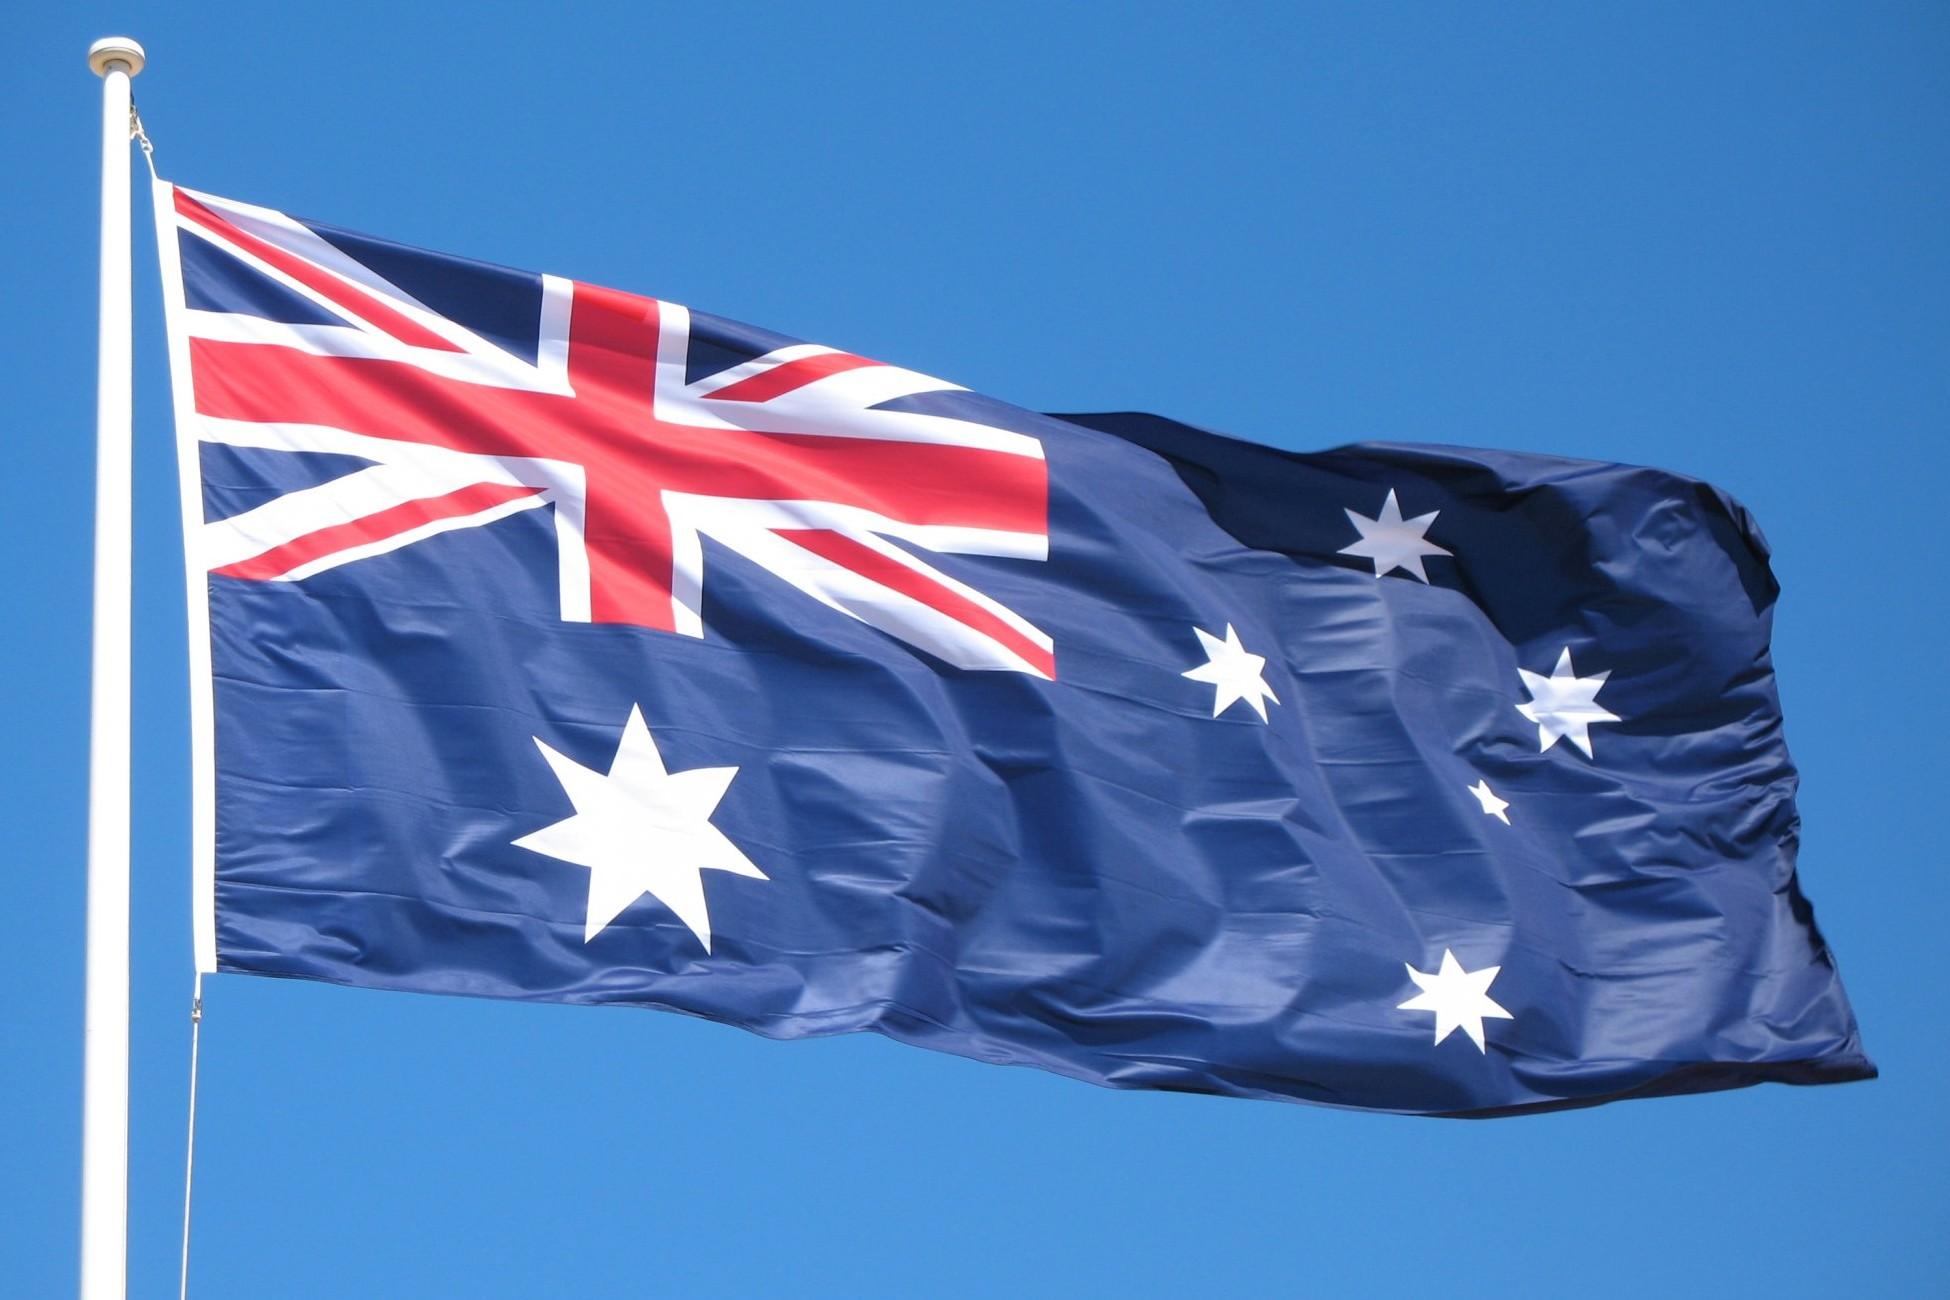 Австралия направит $5 млн в качестве гуманитарной помощи жителям сектора Газа